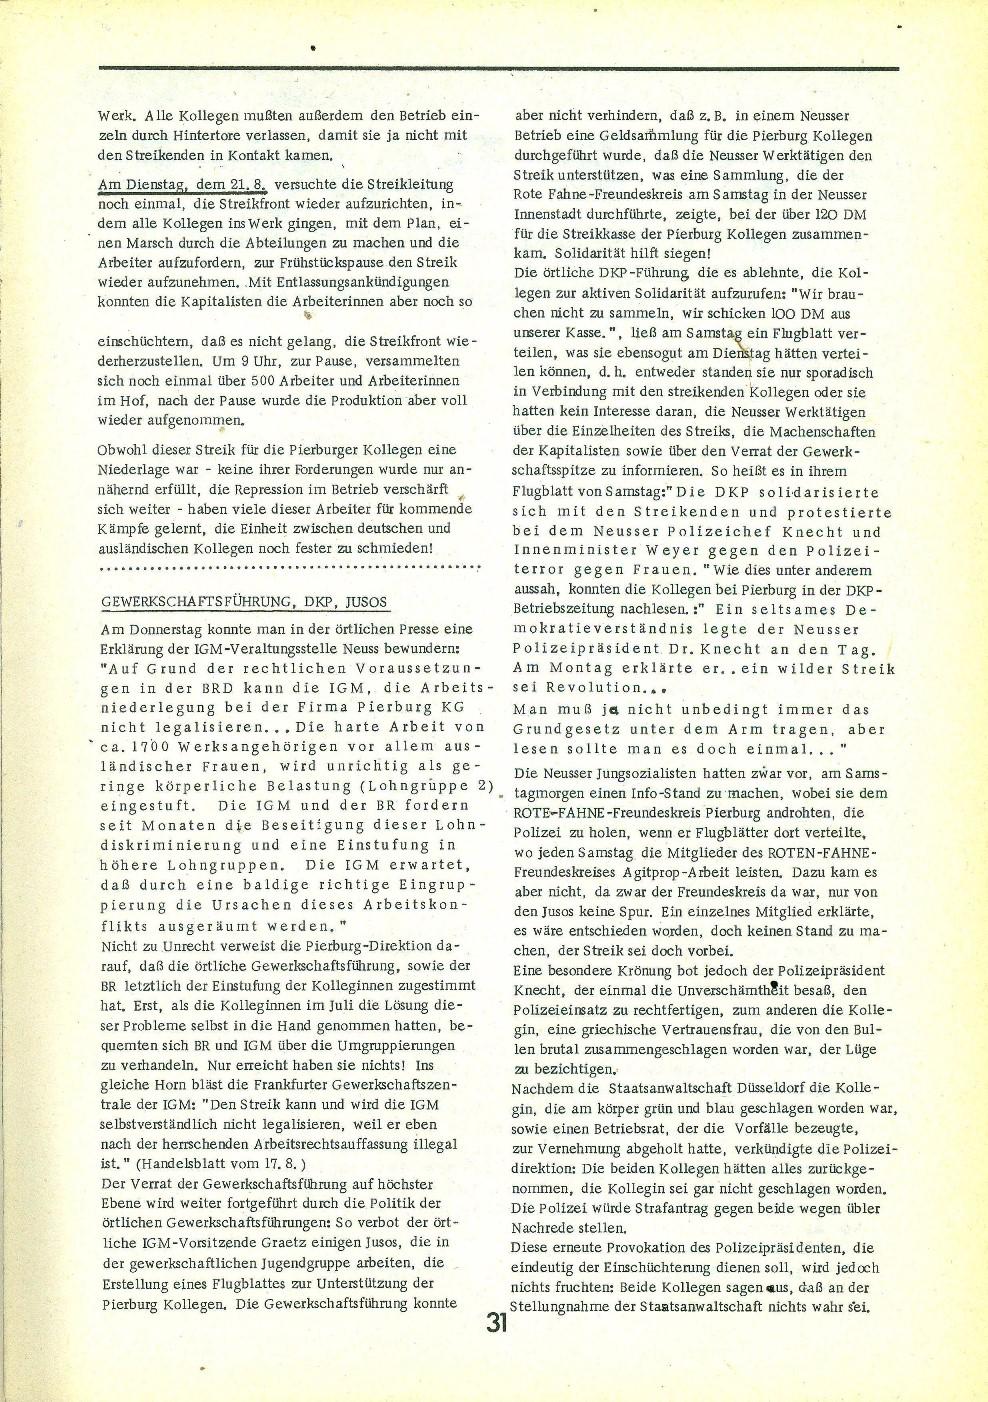 RGO_1973_06_032